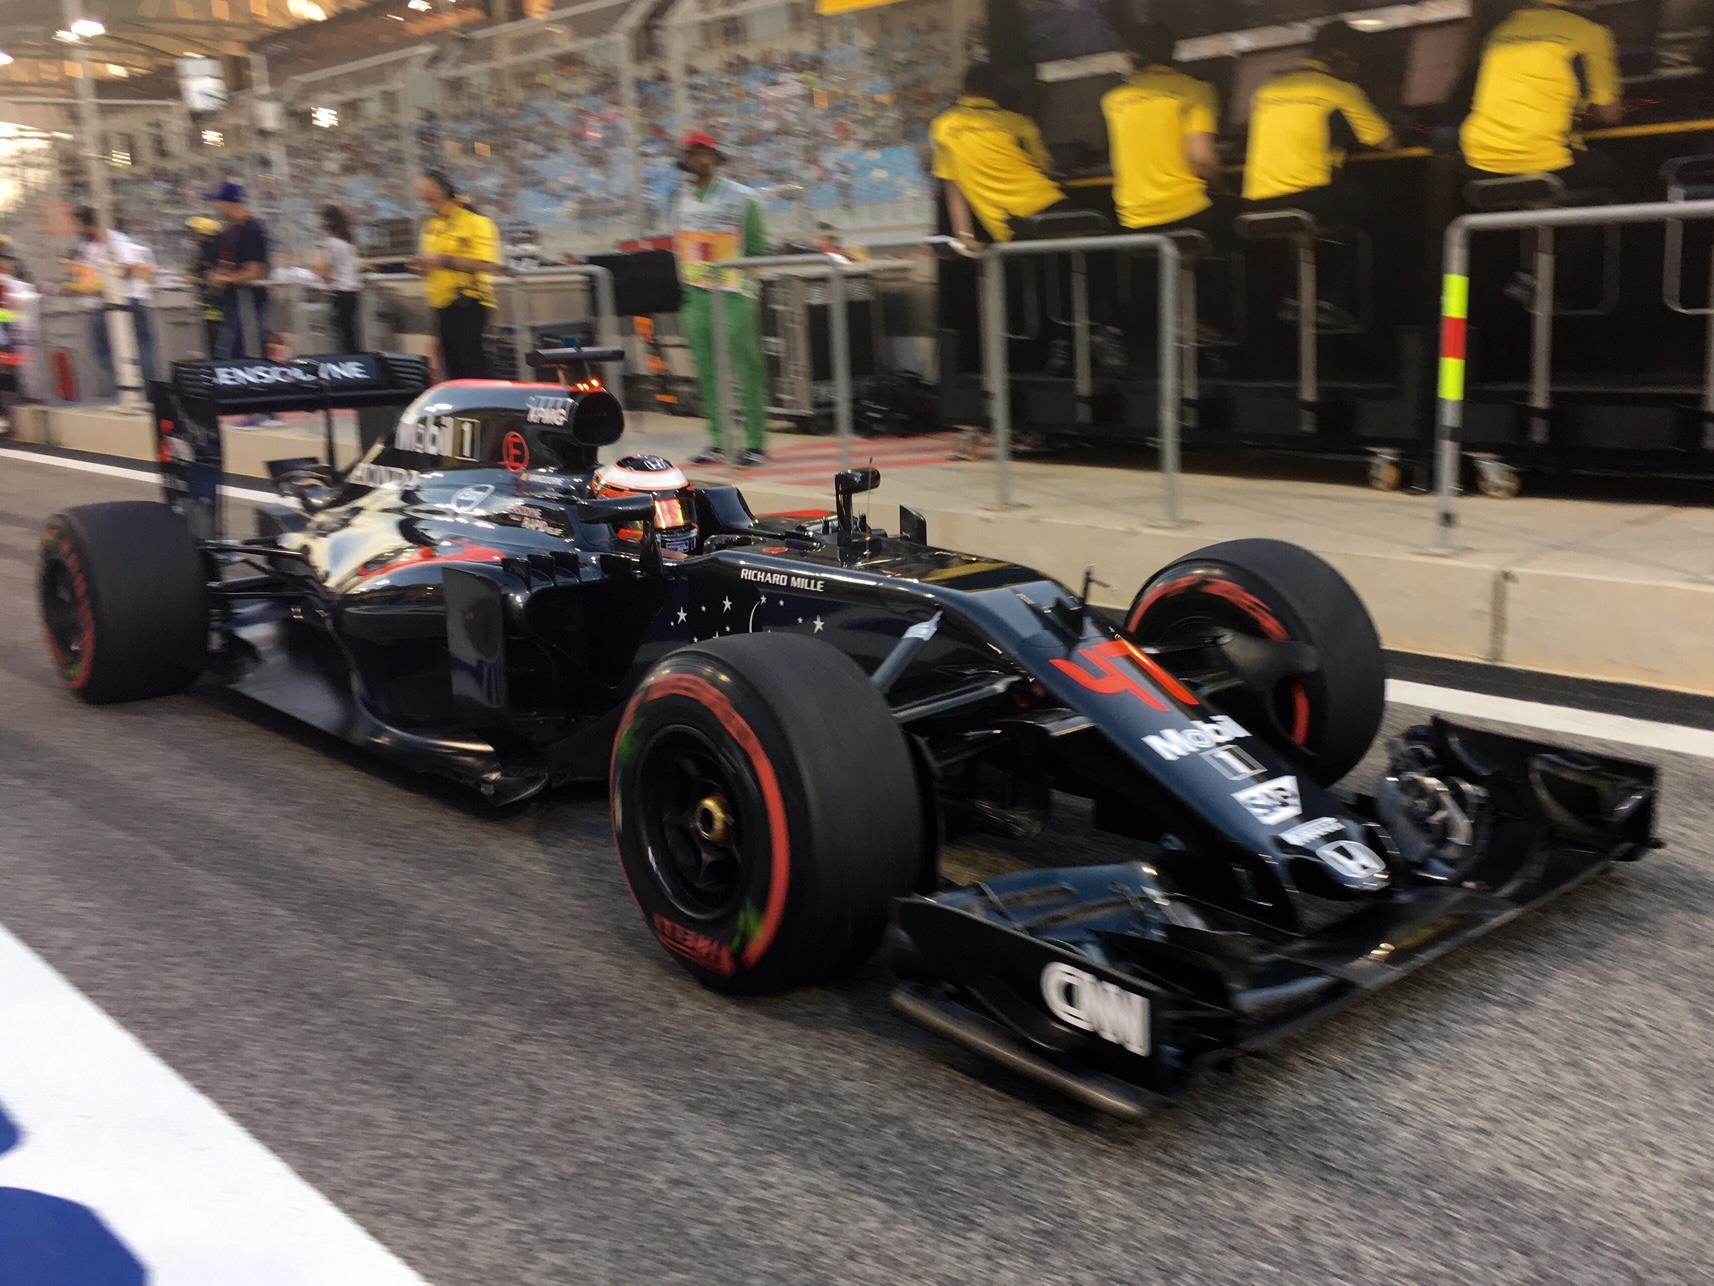 Um belo final de semana para Vandoorne que leva a Mclaren-Honda pela primeira vez a pontuação em 2016.